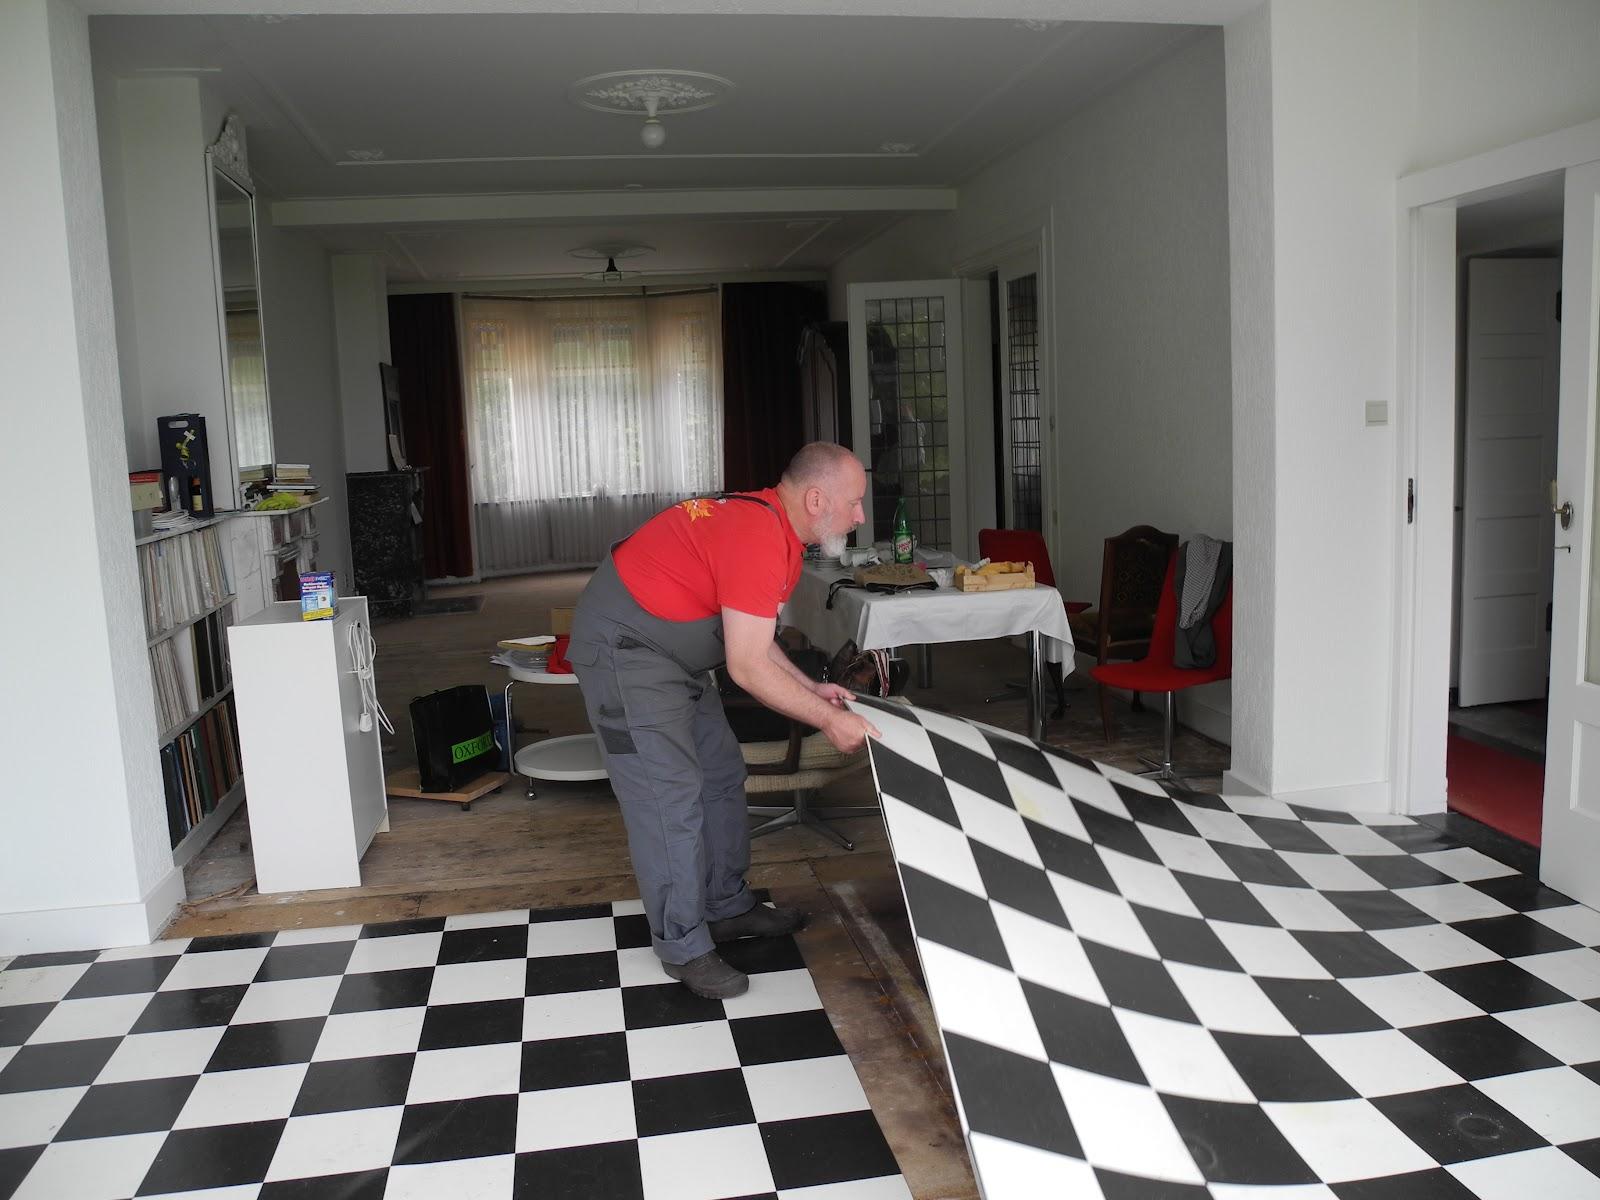 Zwart zeil vloer: zeil laminaat unique vinyl vloer ikea vinyl vloer